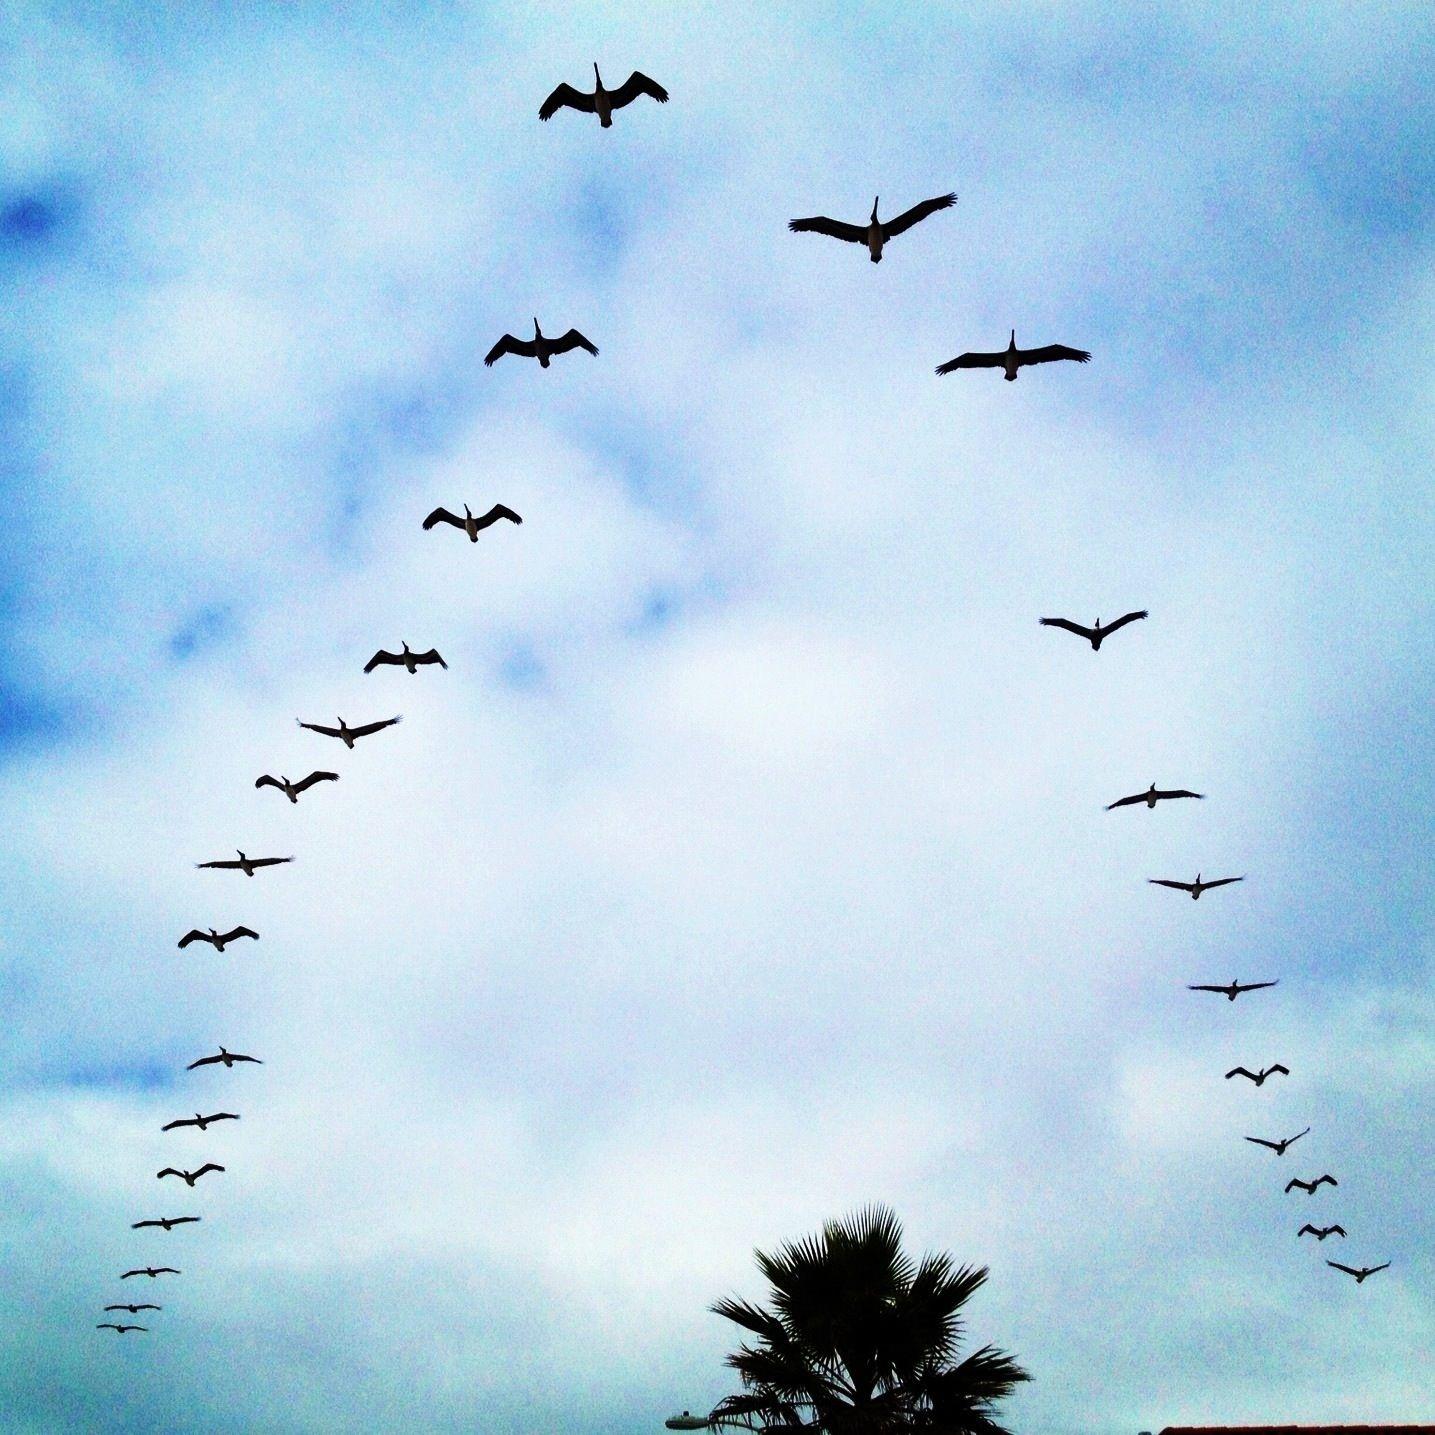 صور عن هجرة الطيور في سرب طيور مهاجرة روعة ميكساتك